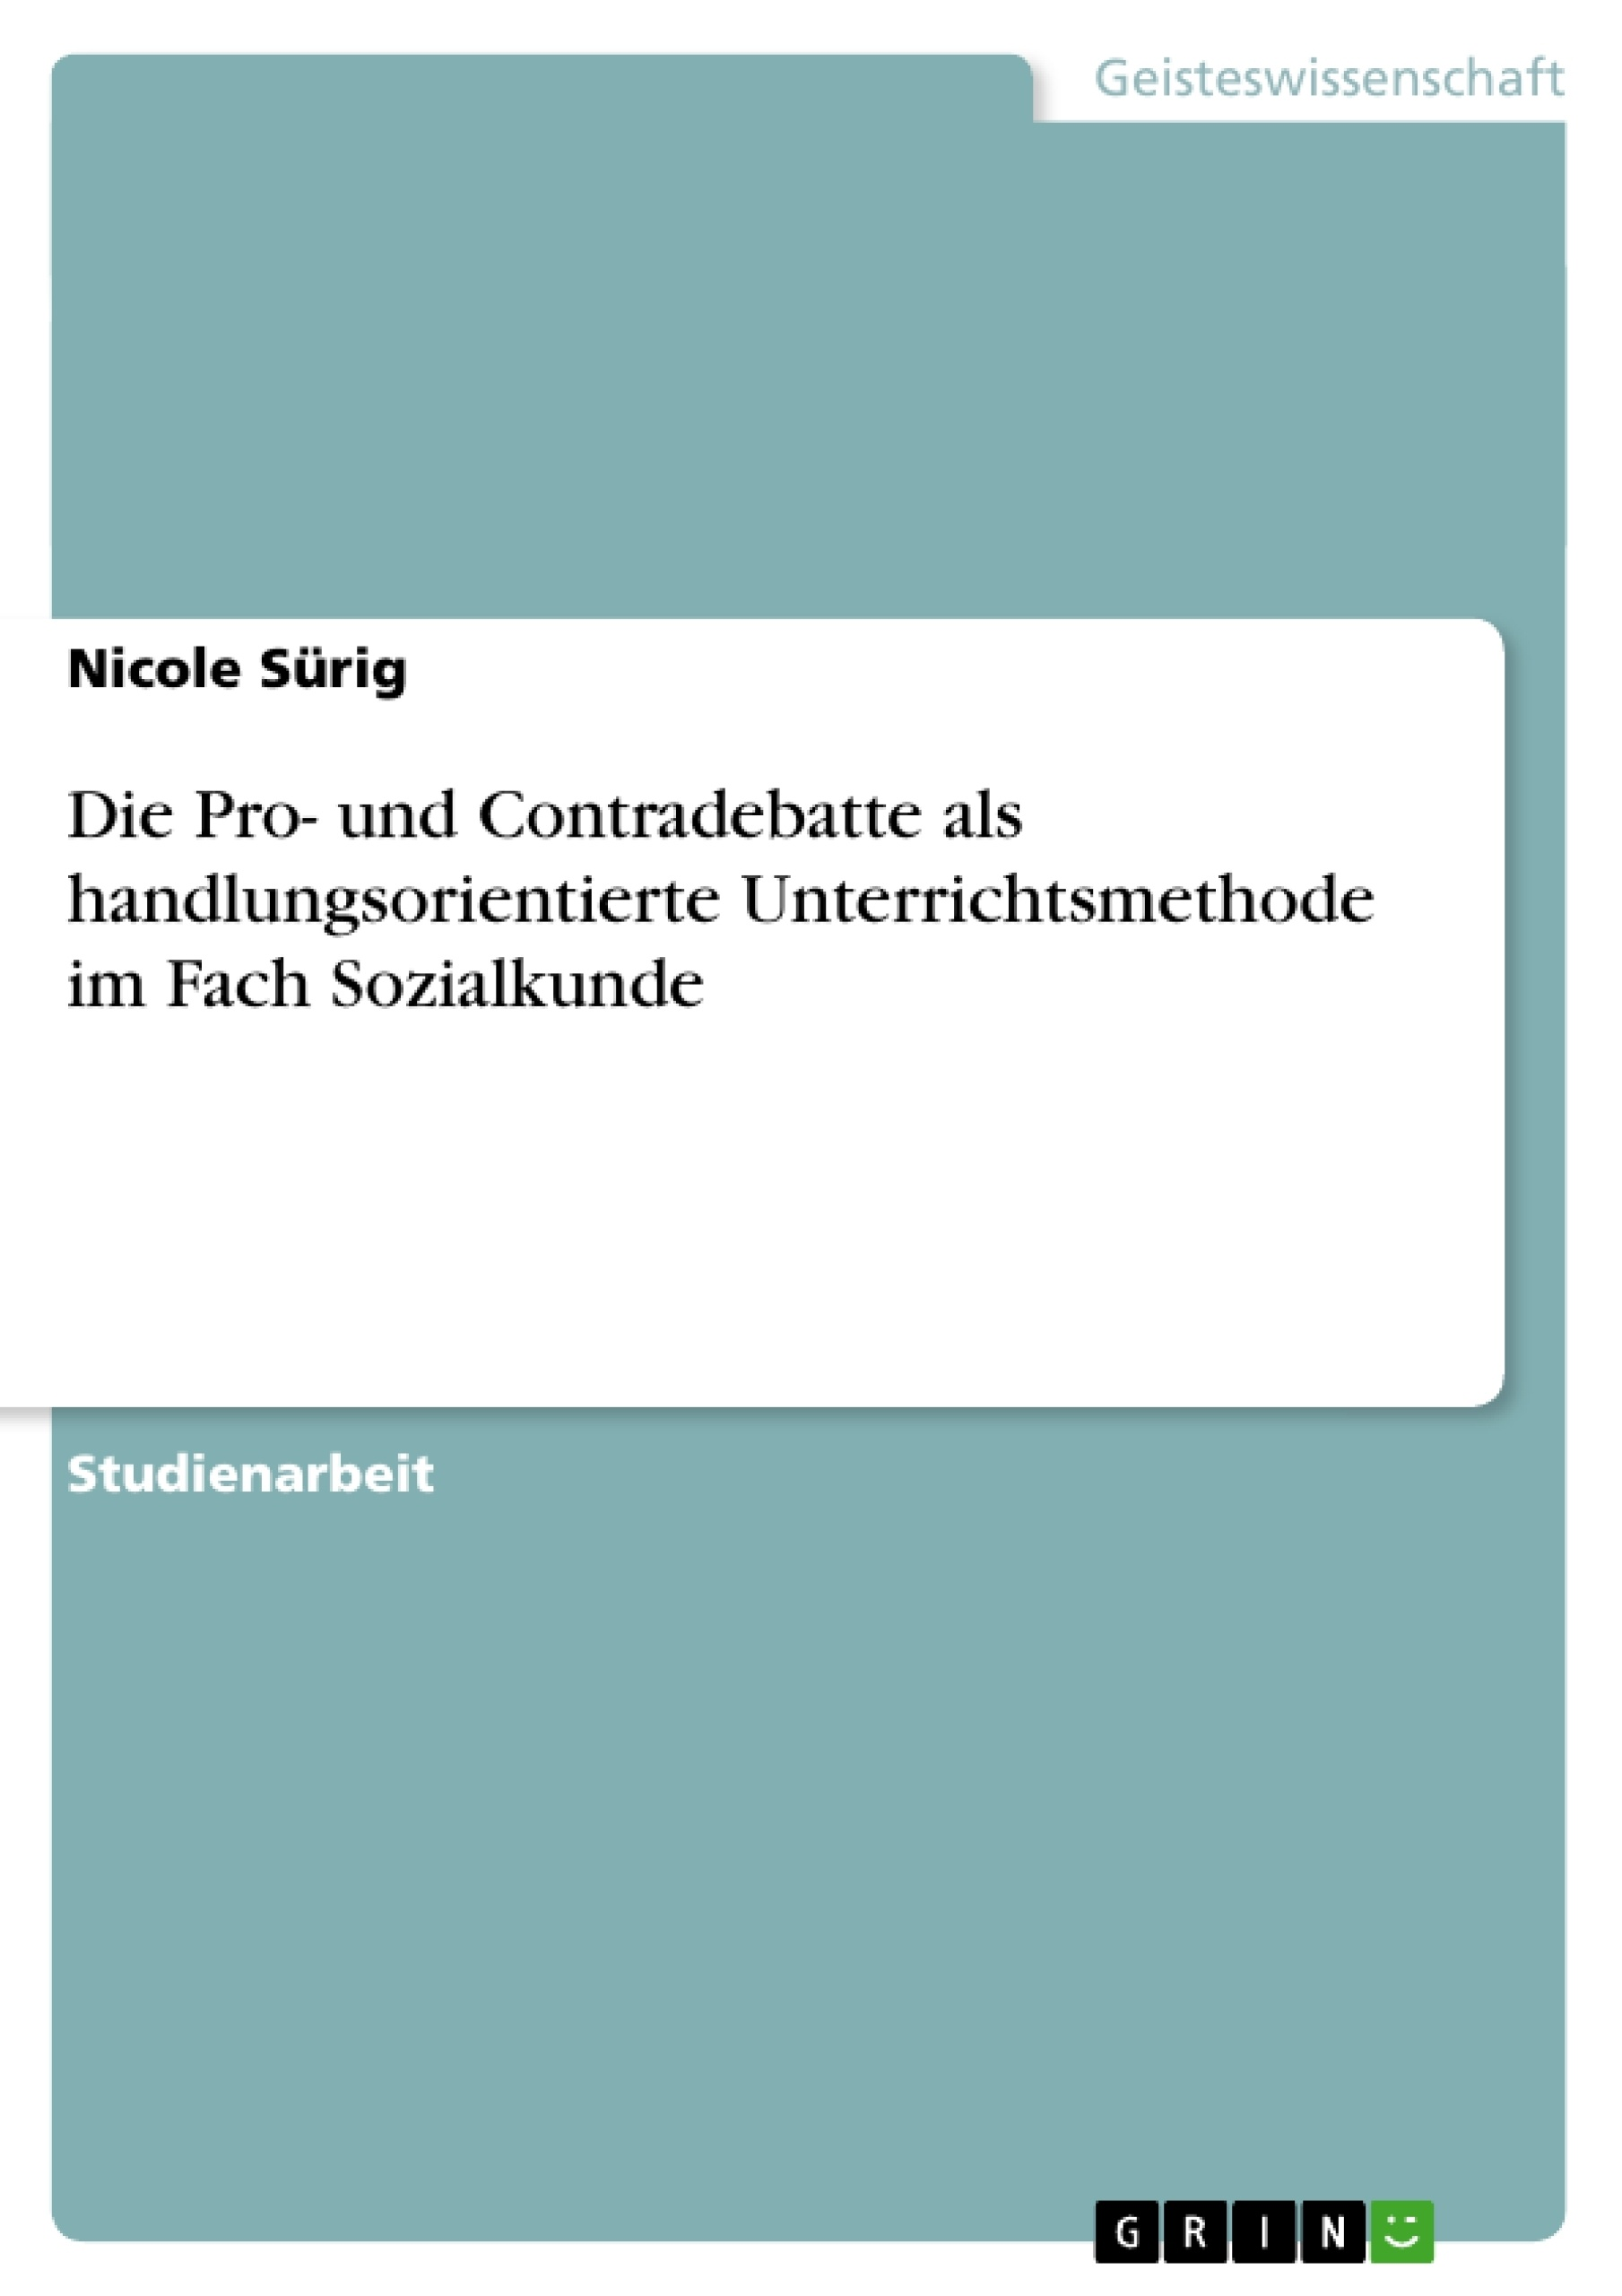 Titel: Die Pro- und Contradebatte als  handlungsorientierte Unterrichtsmethode  im Fach Sozialkunde